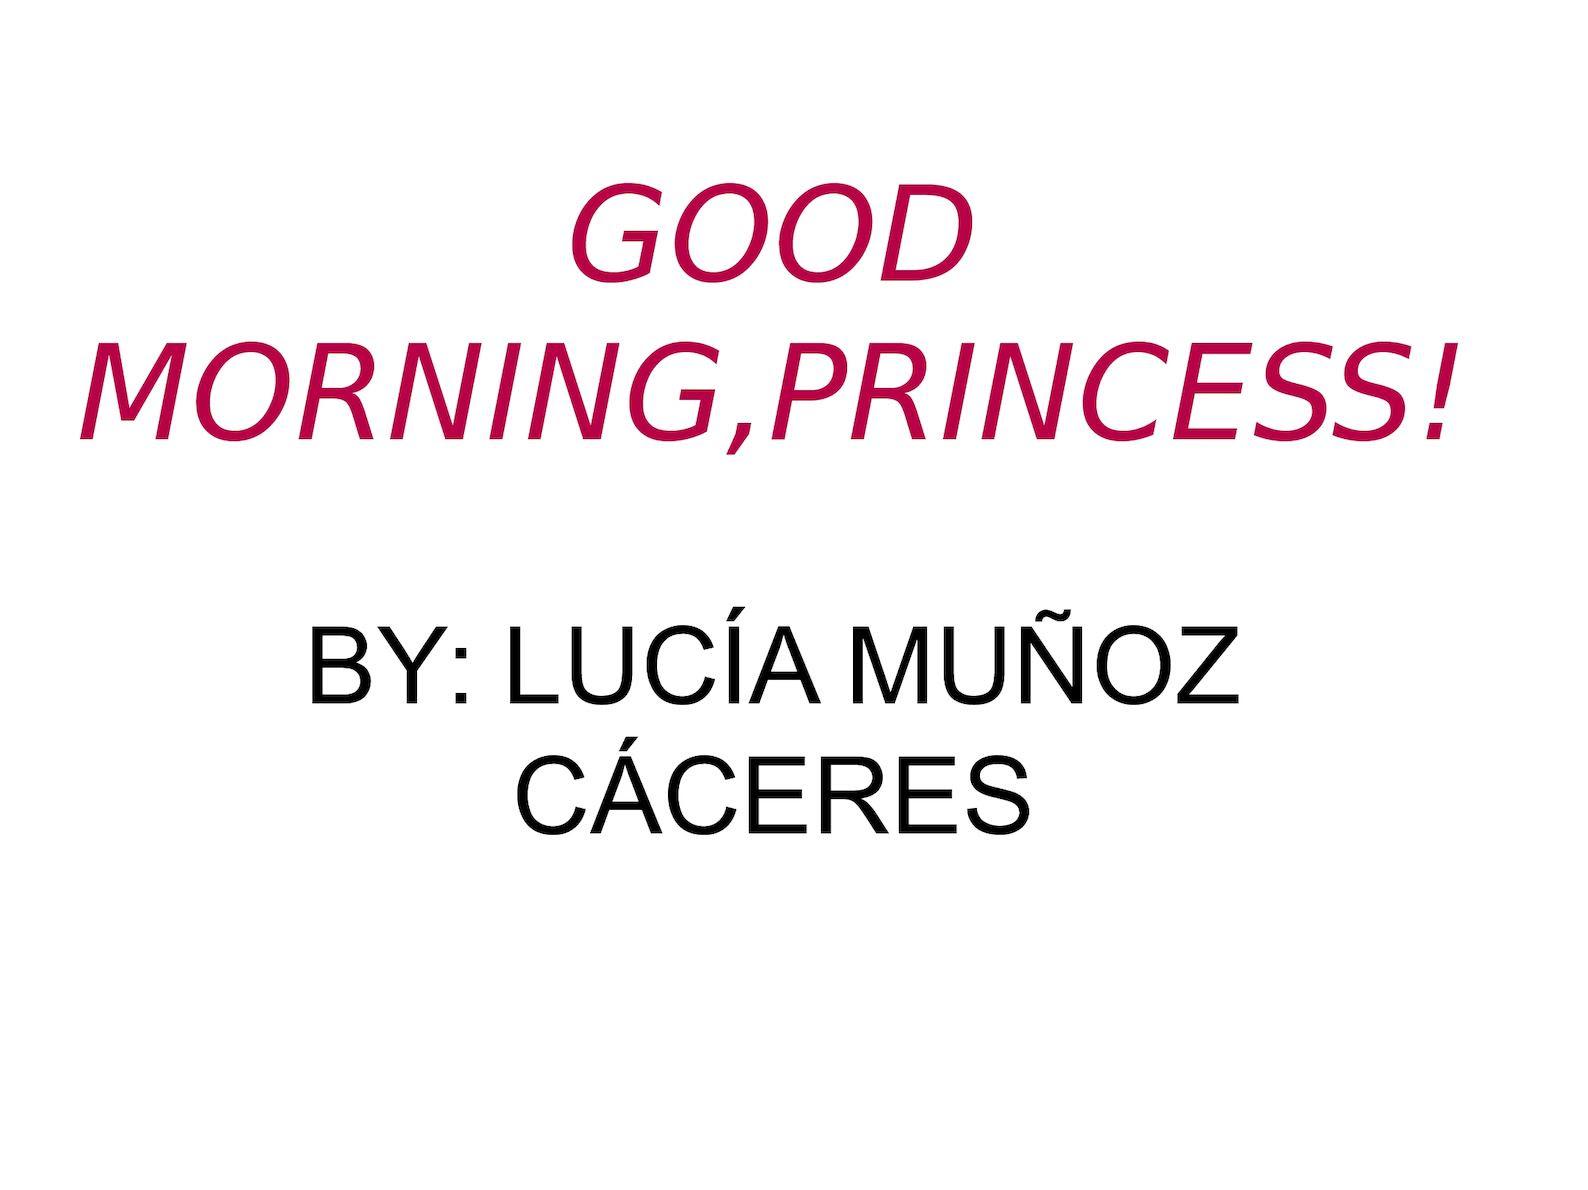 Calaméo Good Morning Princess Lucía Muñoz